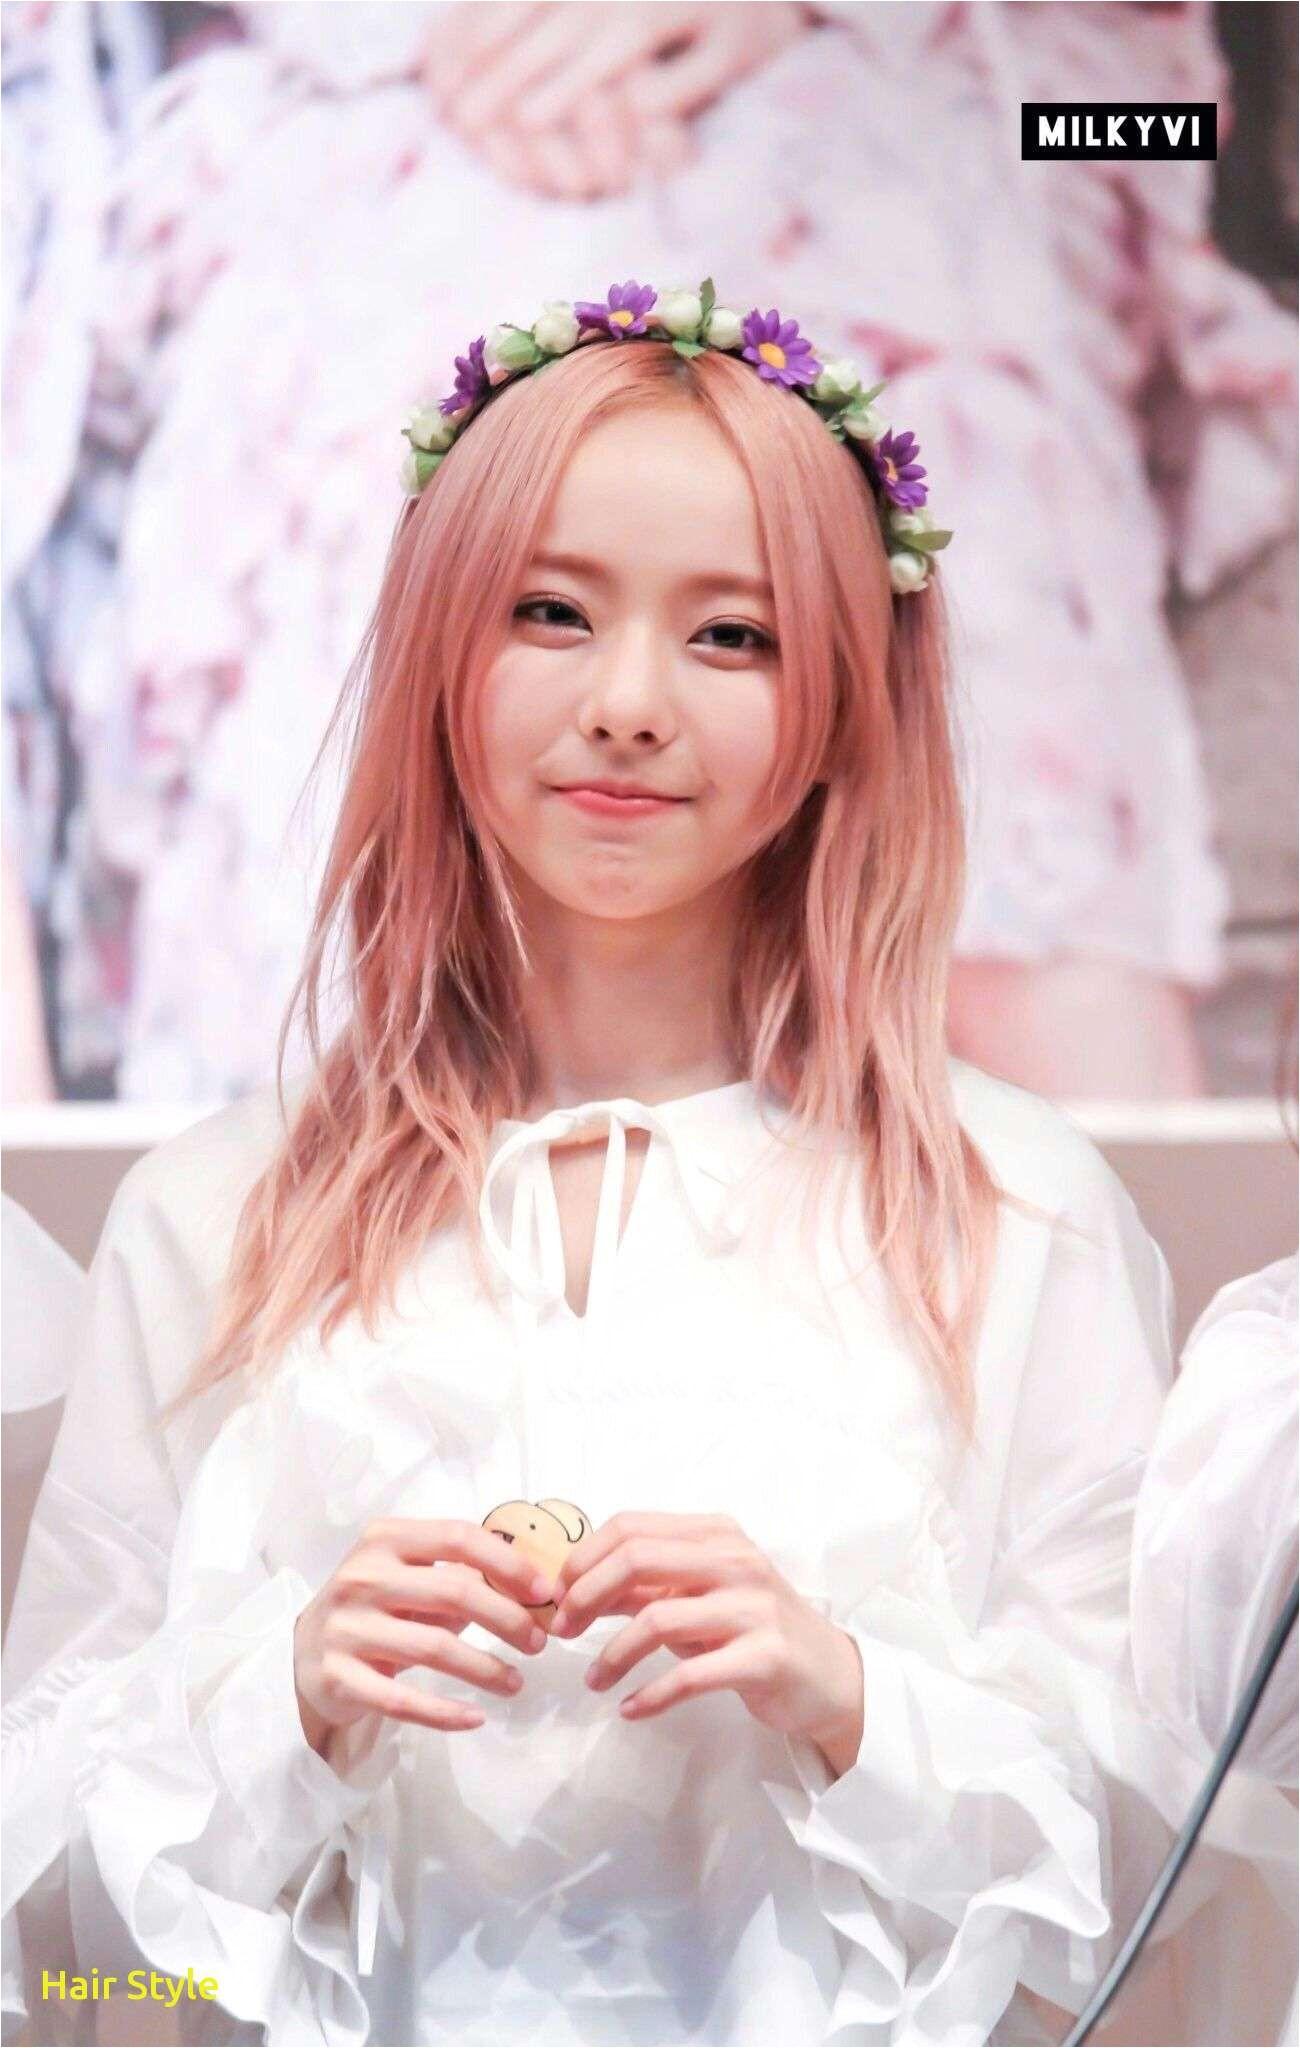 kpop girls a korean a loona vivi